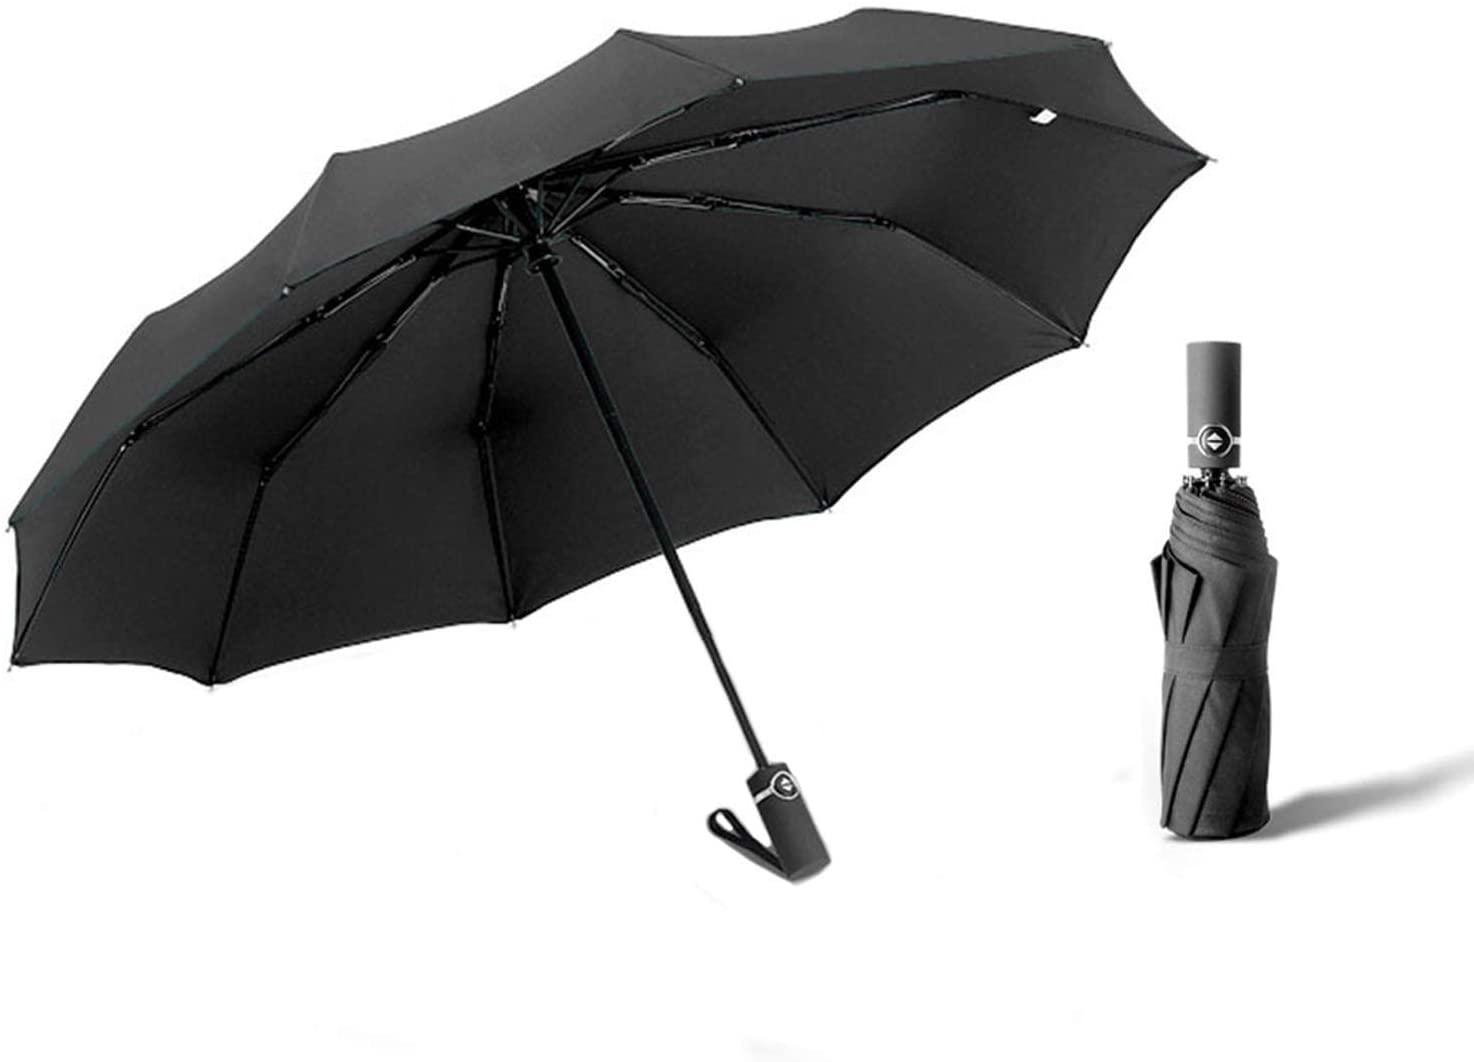 HOFUJINGSHI Compact Travel Umbrella,10 Ribs Windproof Folding Umbrella,Auto Open/Close Double Canopy Windguard Umbrella,Portable Umbrellas for Rain & Sun (Black)